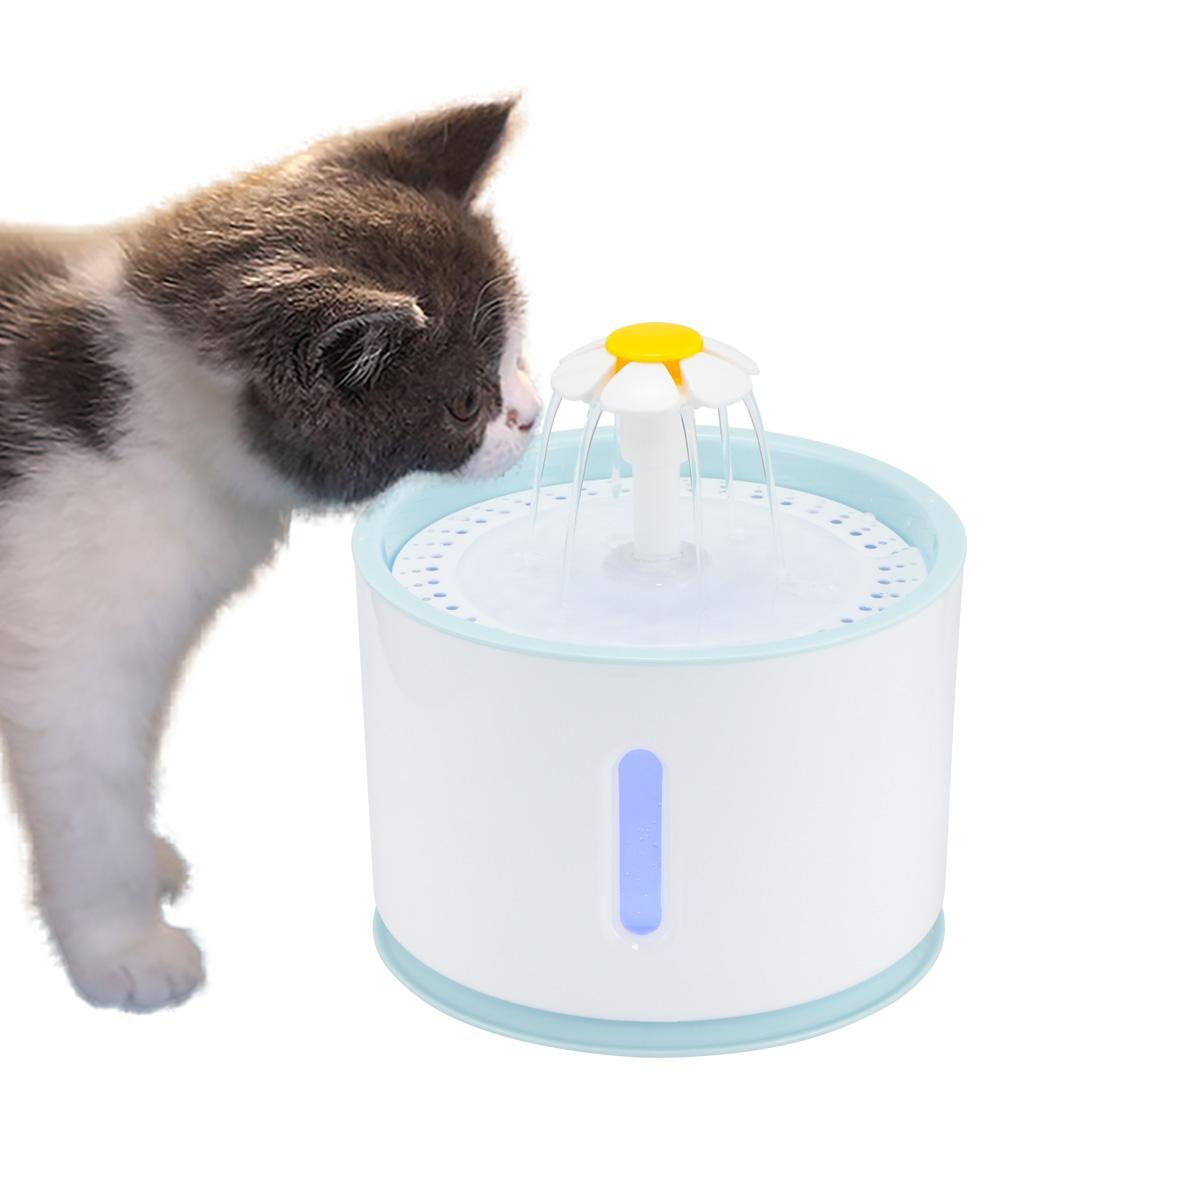 Автоматический фонтанчик с водой для кошек объемом л, светодиодный бесшумный Электрический Поильник с USB для собак и кошек, миска для подачи...